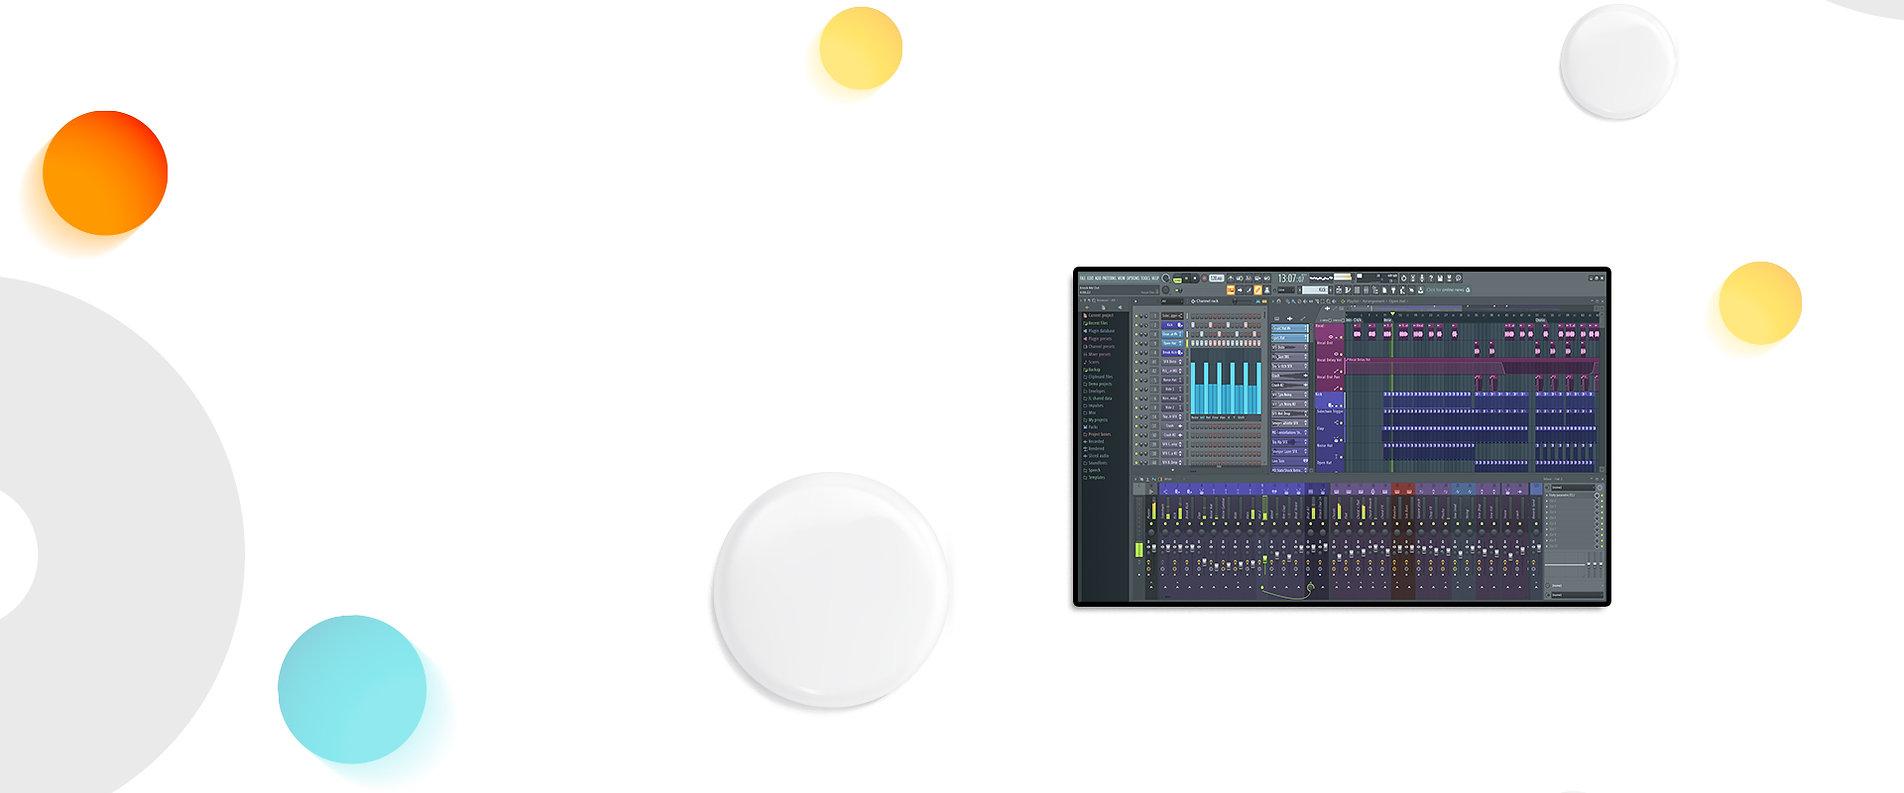 Tong Apollo Vocal Presets Shop 2 (FL Studio).jpg